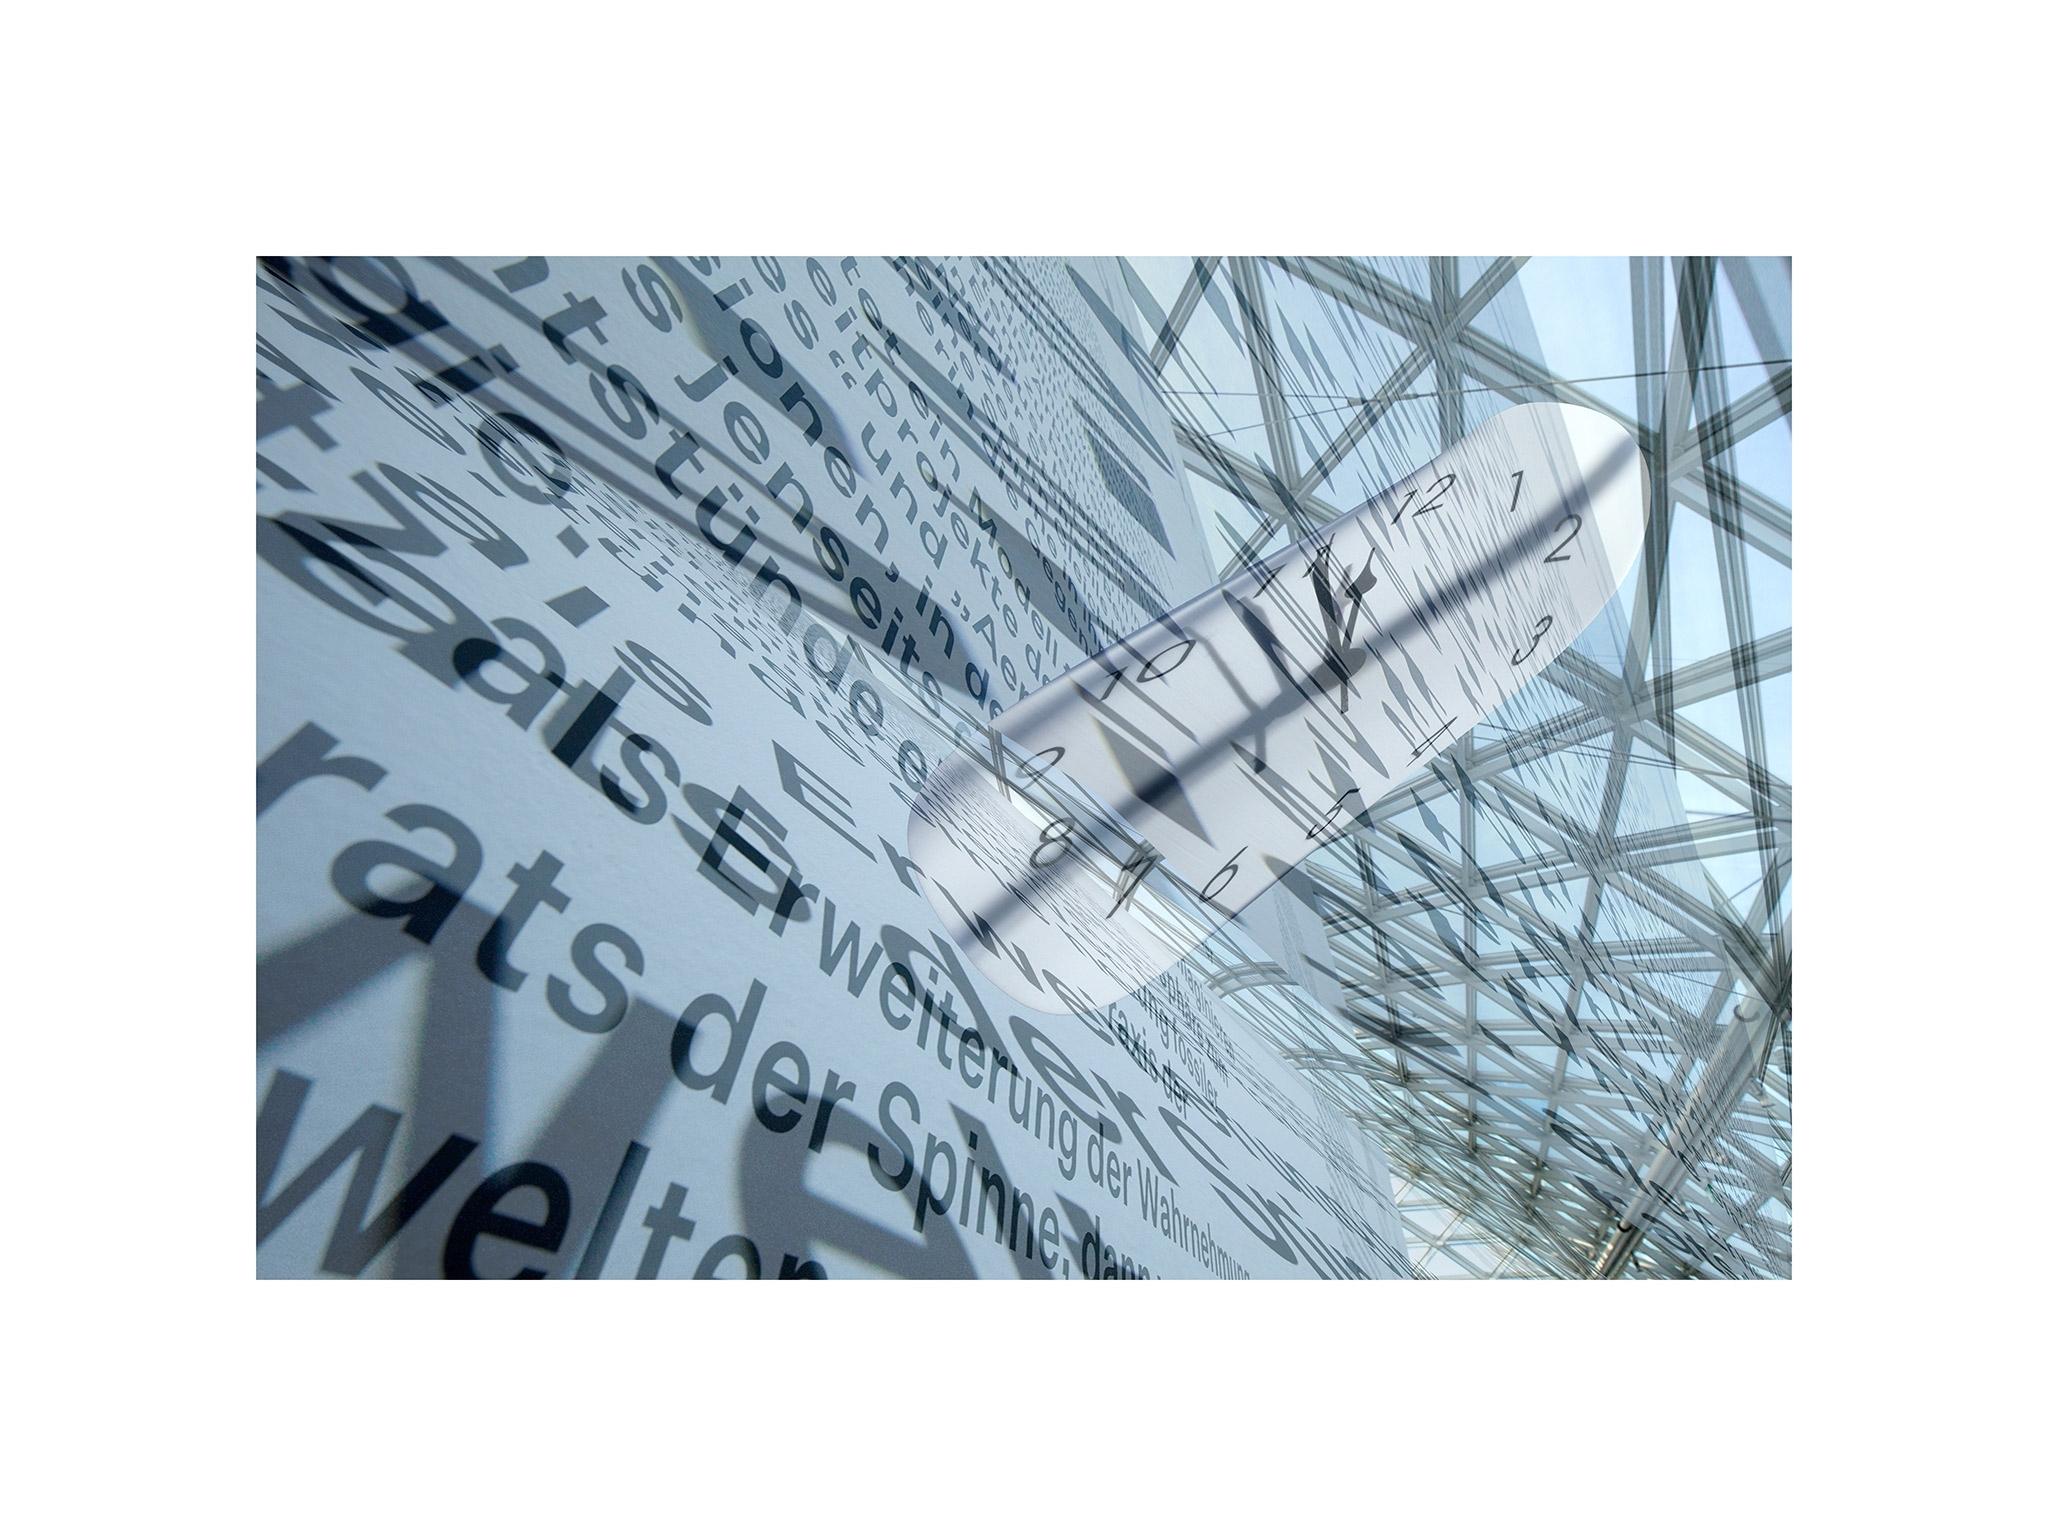 Kunstprojekt, Worte kosten Zeit, Wilfried Malkusch